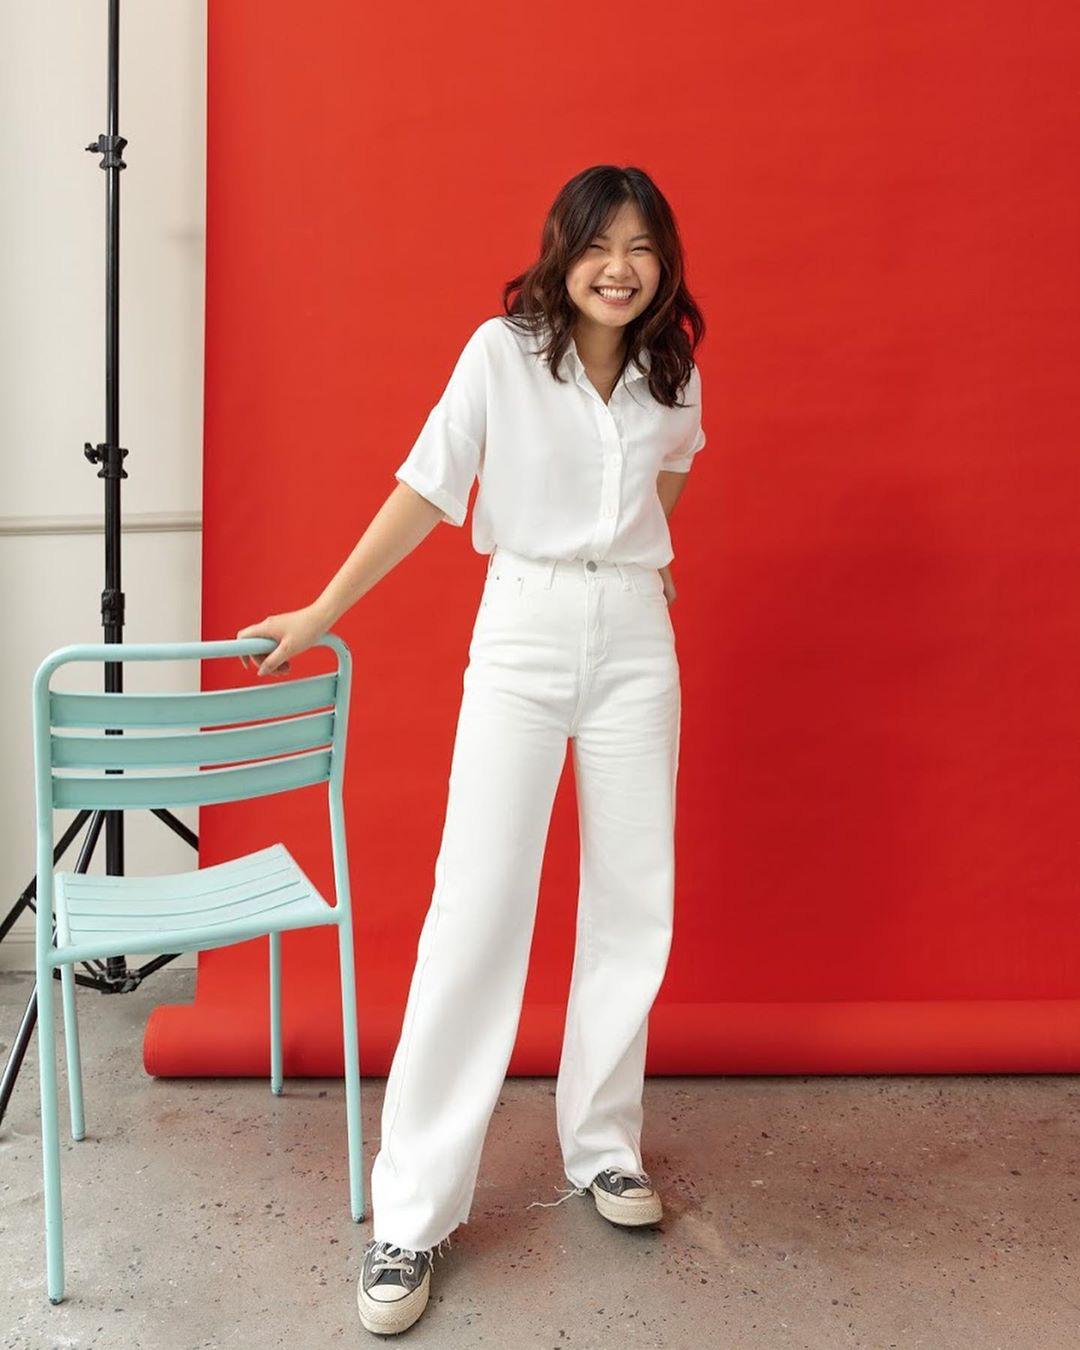 Cùng diện quần jeans: Mẹ bỉm sữa Triệu Lệ Dĩnh khoe style hack tuổi, Địch Lệ Nhiệt Ba hết mức cool ngầu - Ảnh 13.